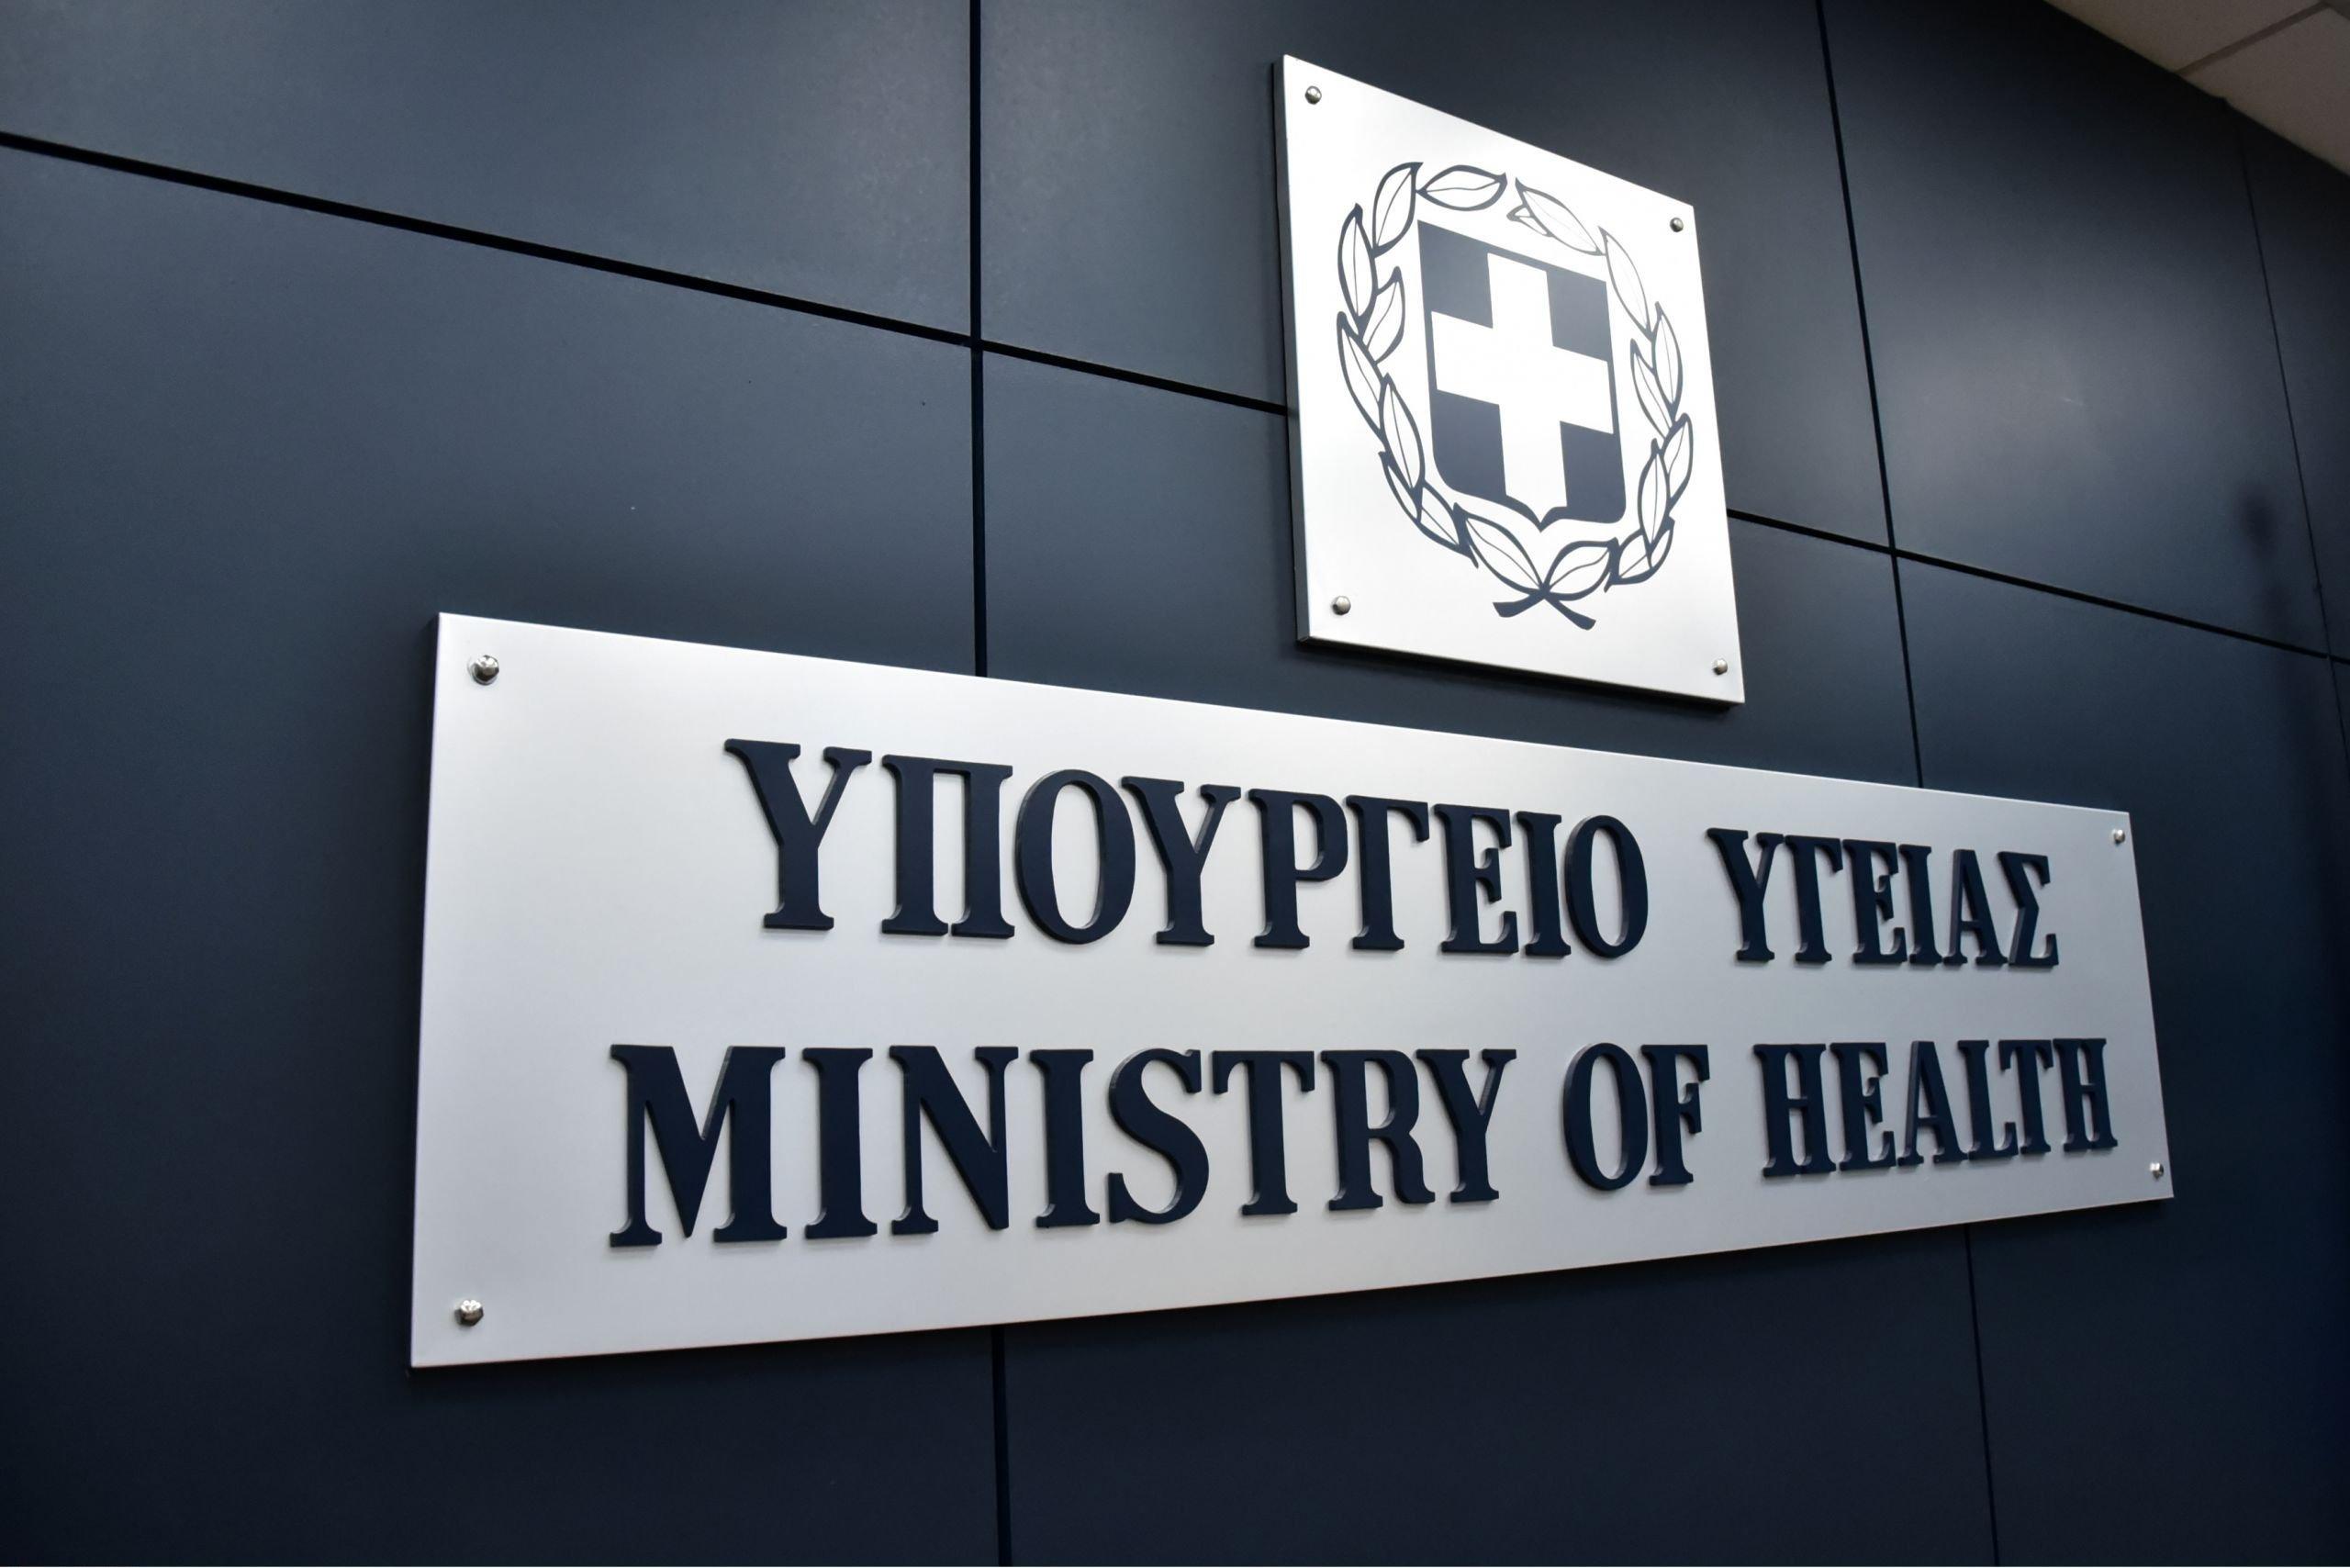 Στρατηγικοί στόχοι Υπουργείο Υγείας 2021: Το όραμα για τις υπηρεσίες υγείας στην τριετία 2021-2023